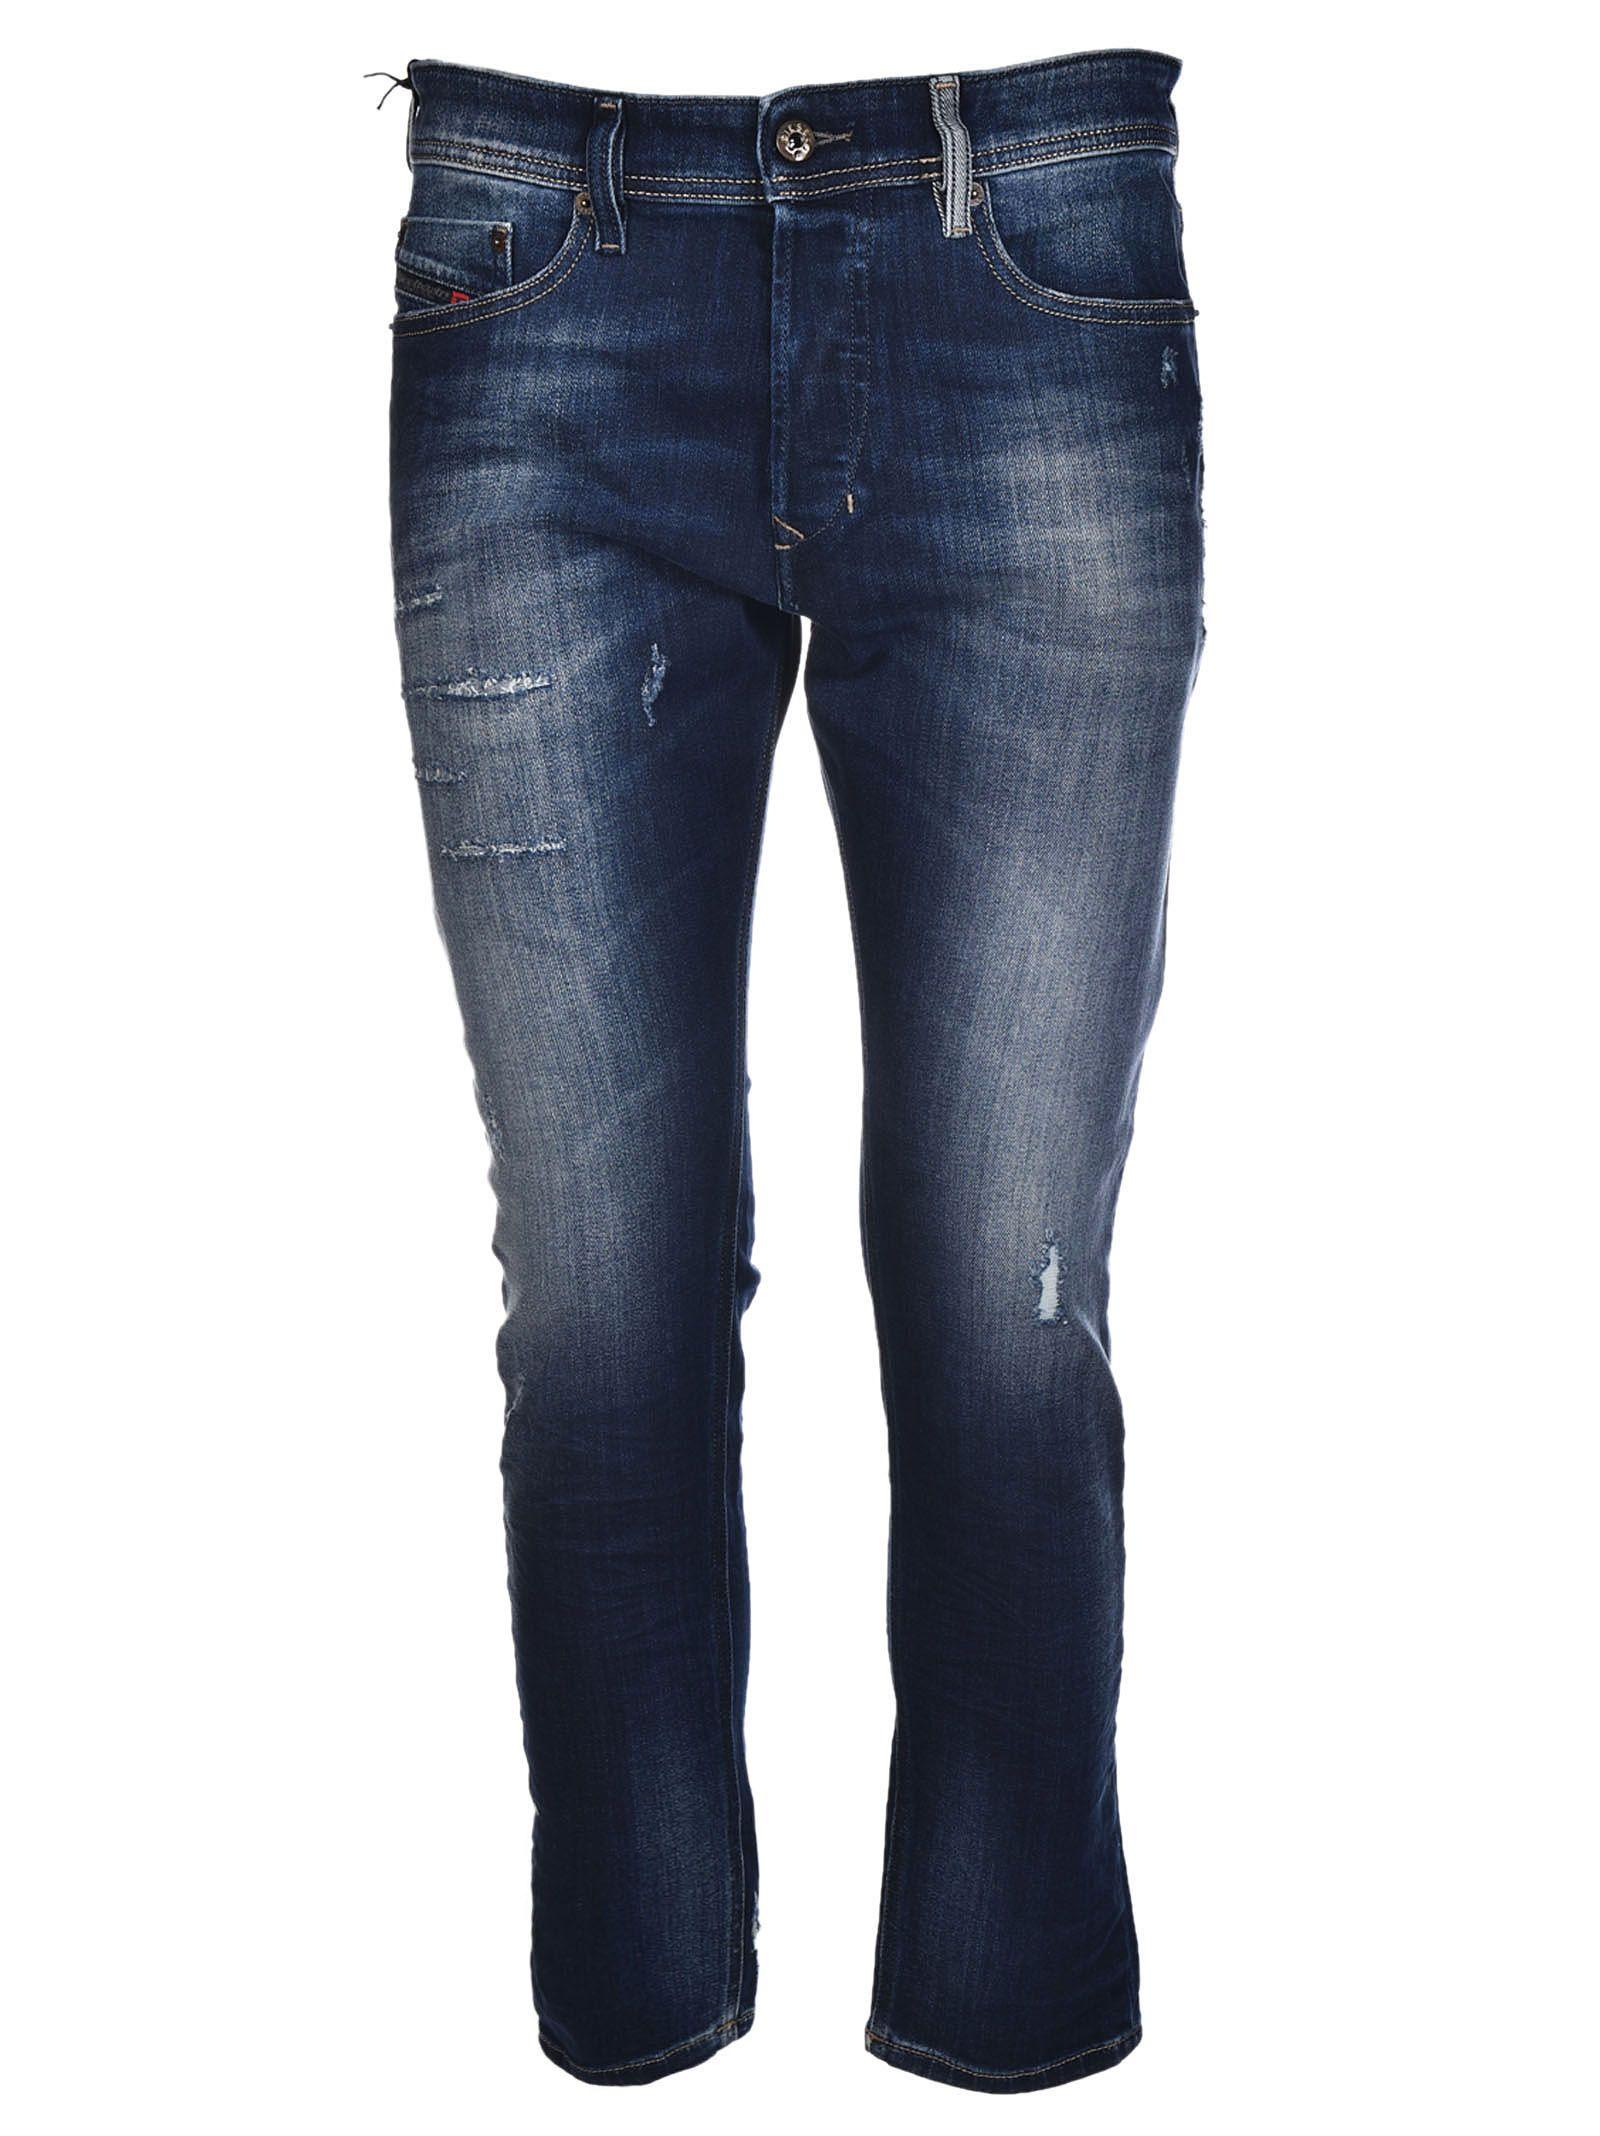 a3c1c9b6 Diesel Diesel Distressed Jeans - Blue - 8304417 | italist